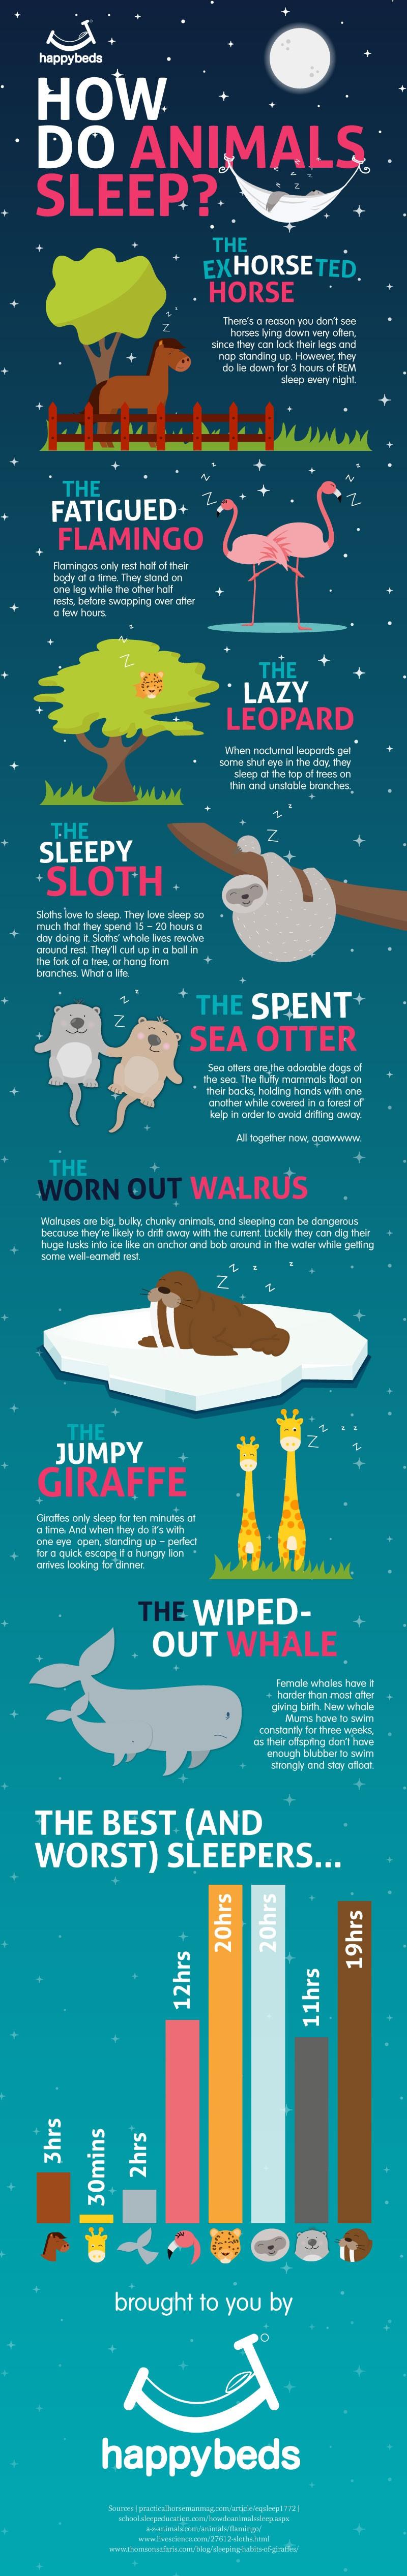 How Do Animals Sleep?